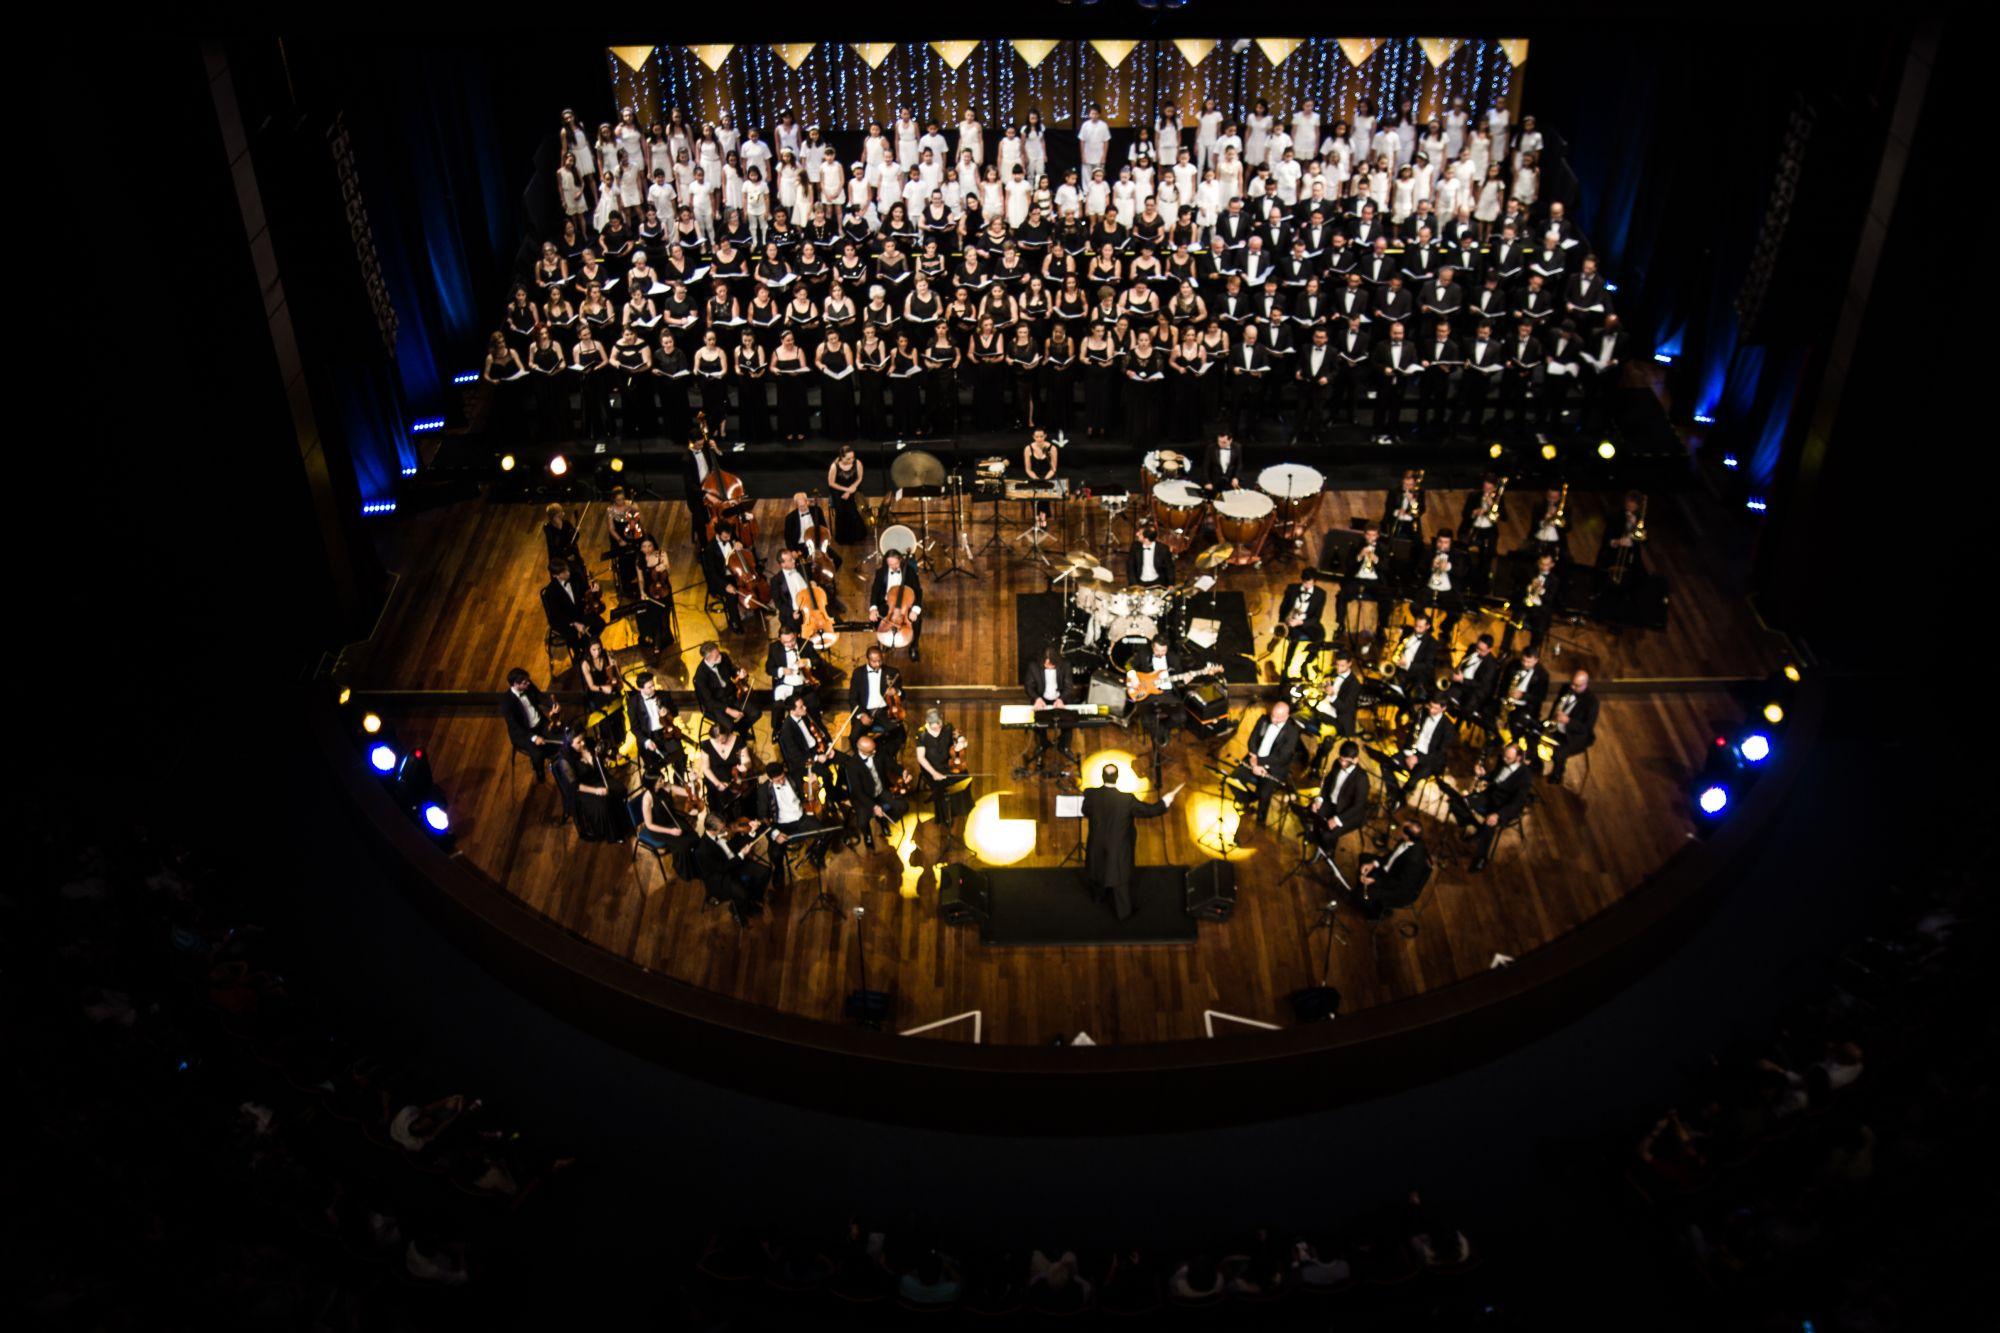 Grande concerto de Natal de Curitiba reúne mais de 100 músicos e 17 composições